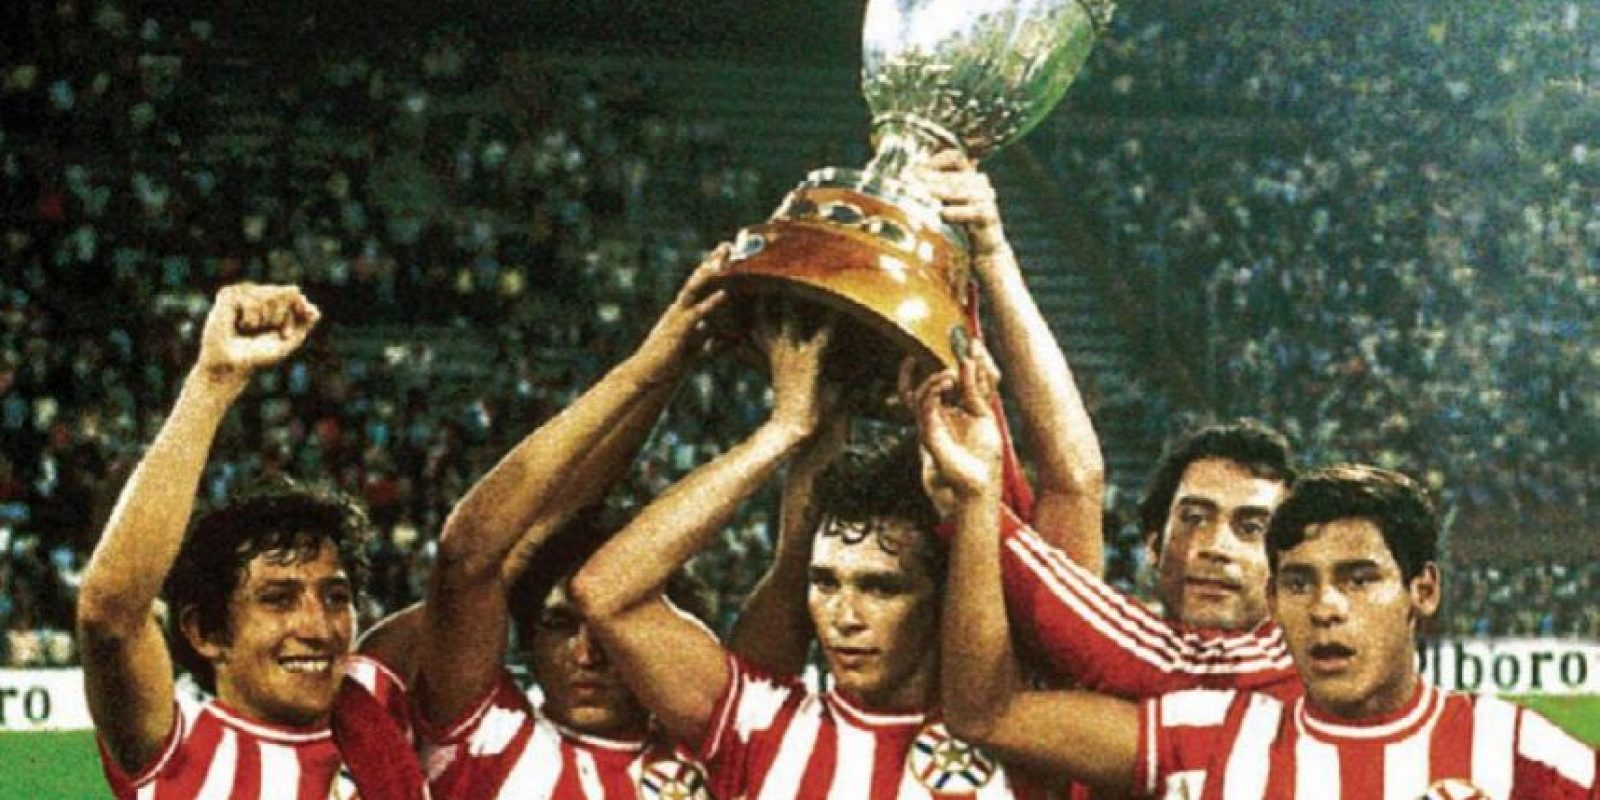 Los uniformes tenían mejores diseños en los setenta. Aquí Paraguay, campeón en 1979.